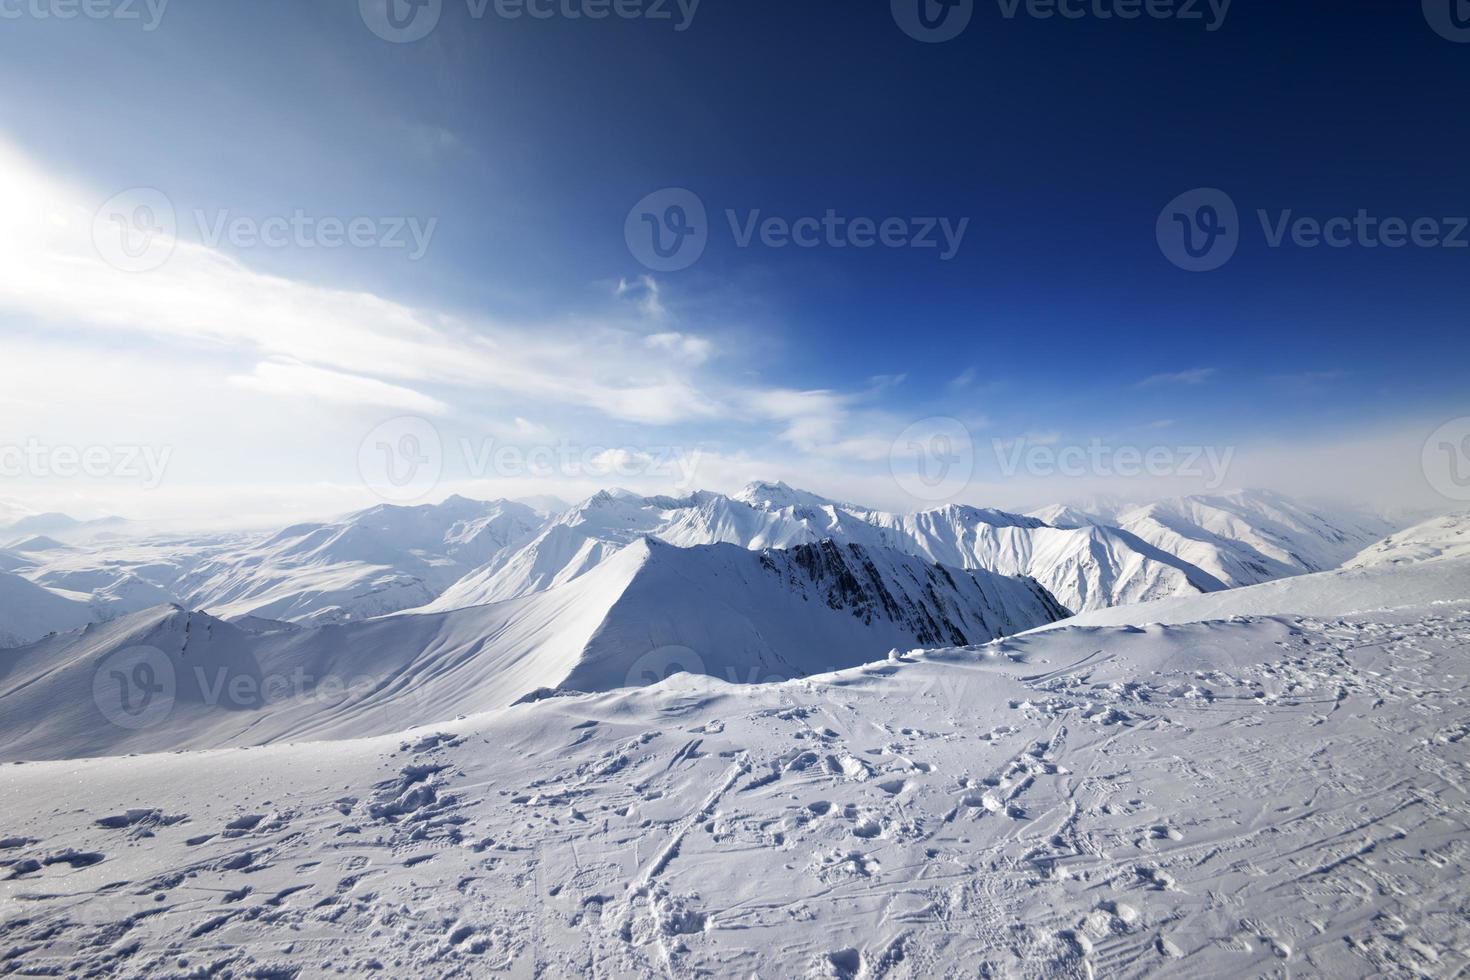 montagnes enneigées à nice day photo